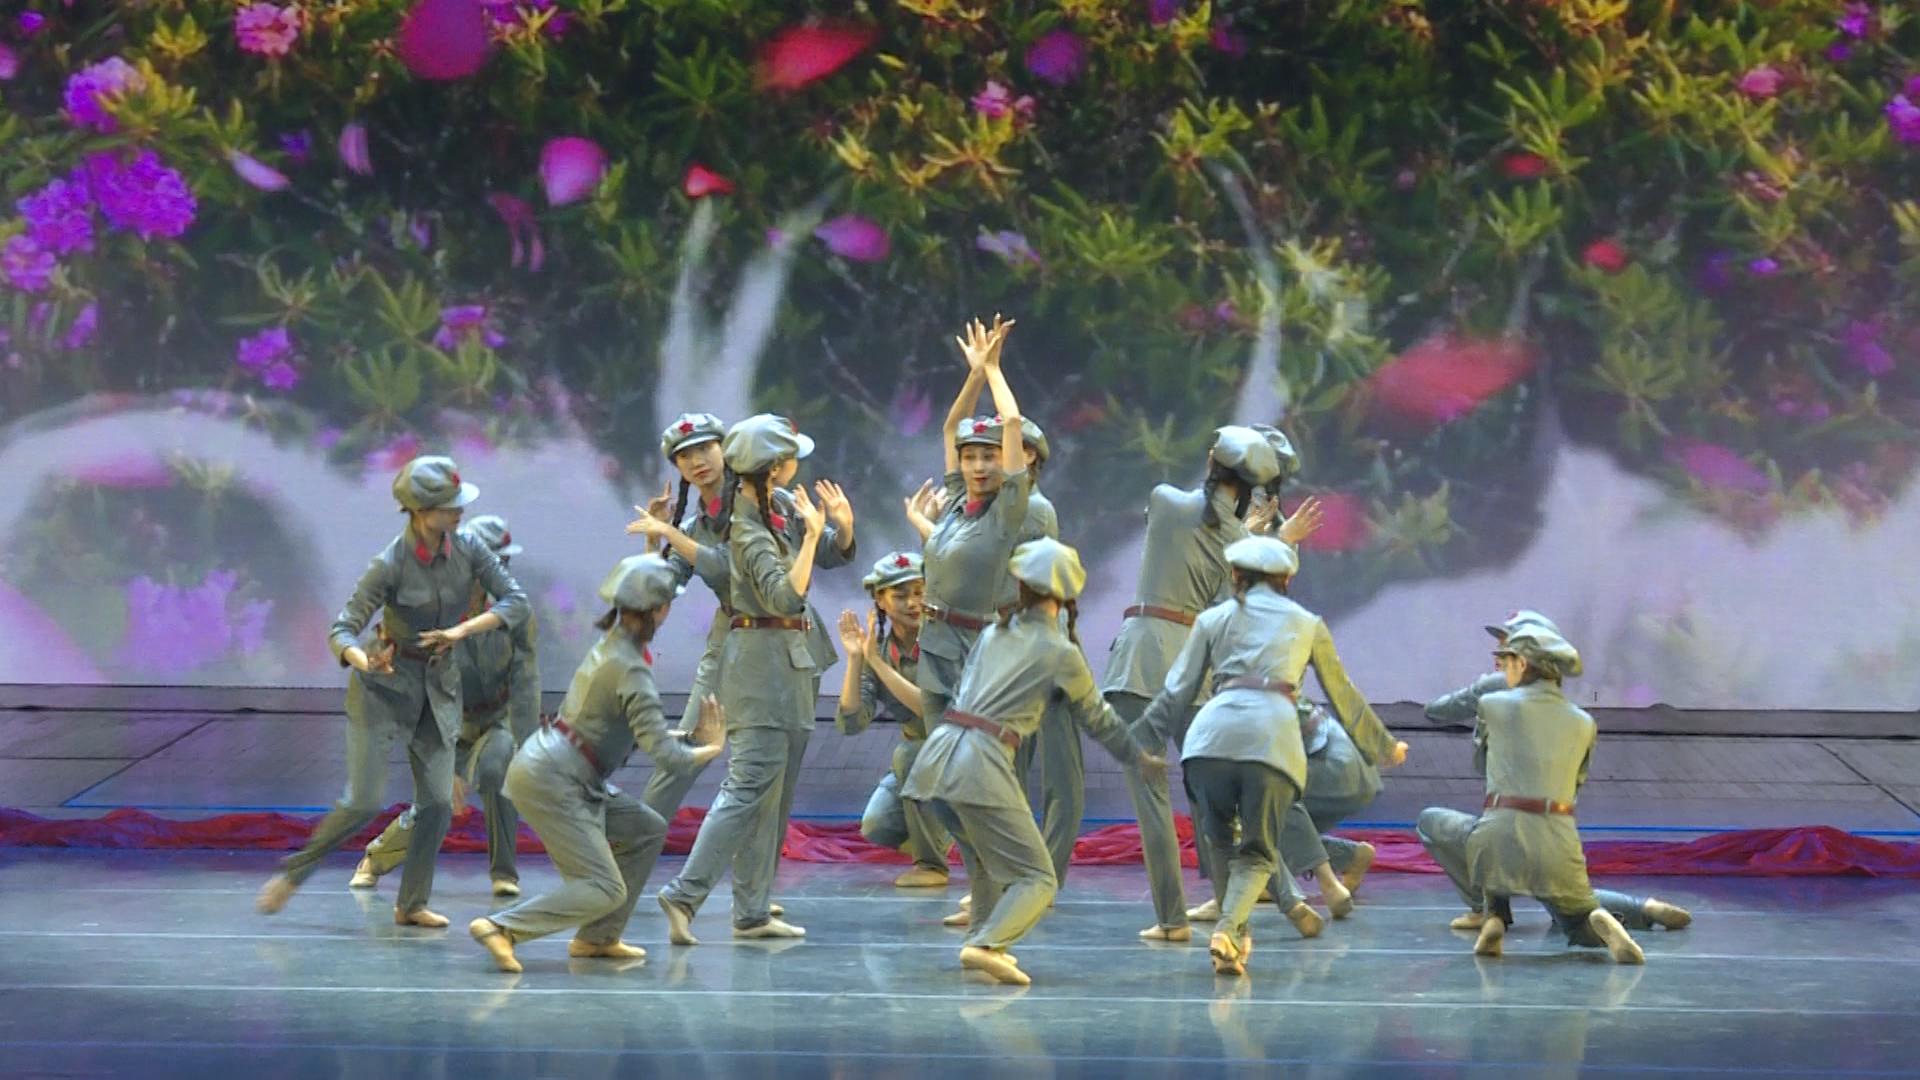 想看优美的舞蹈《芳华》一起来围观